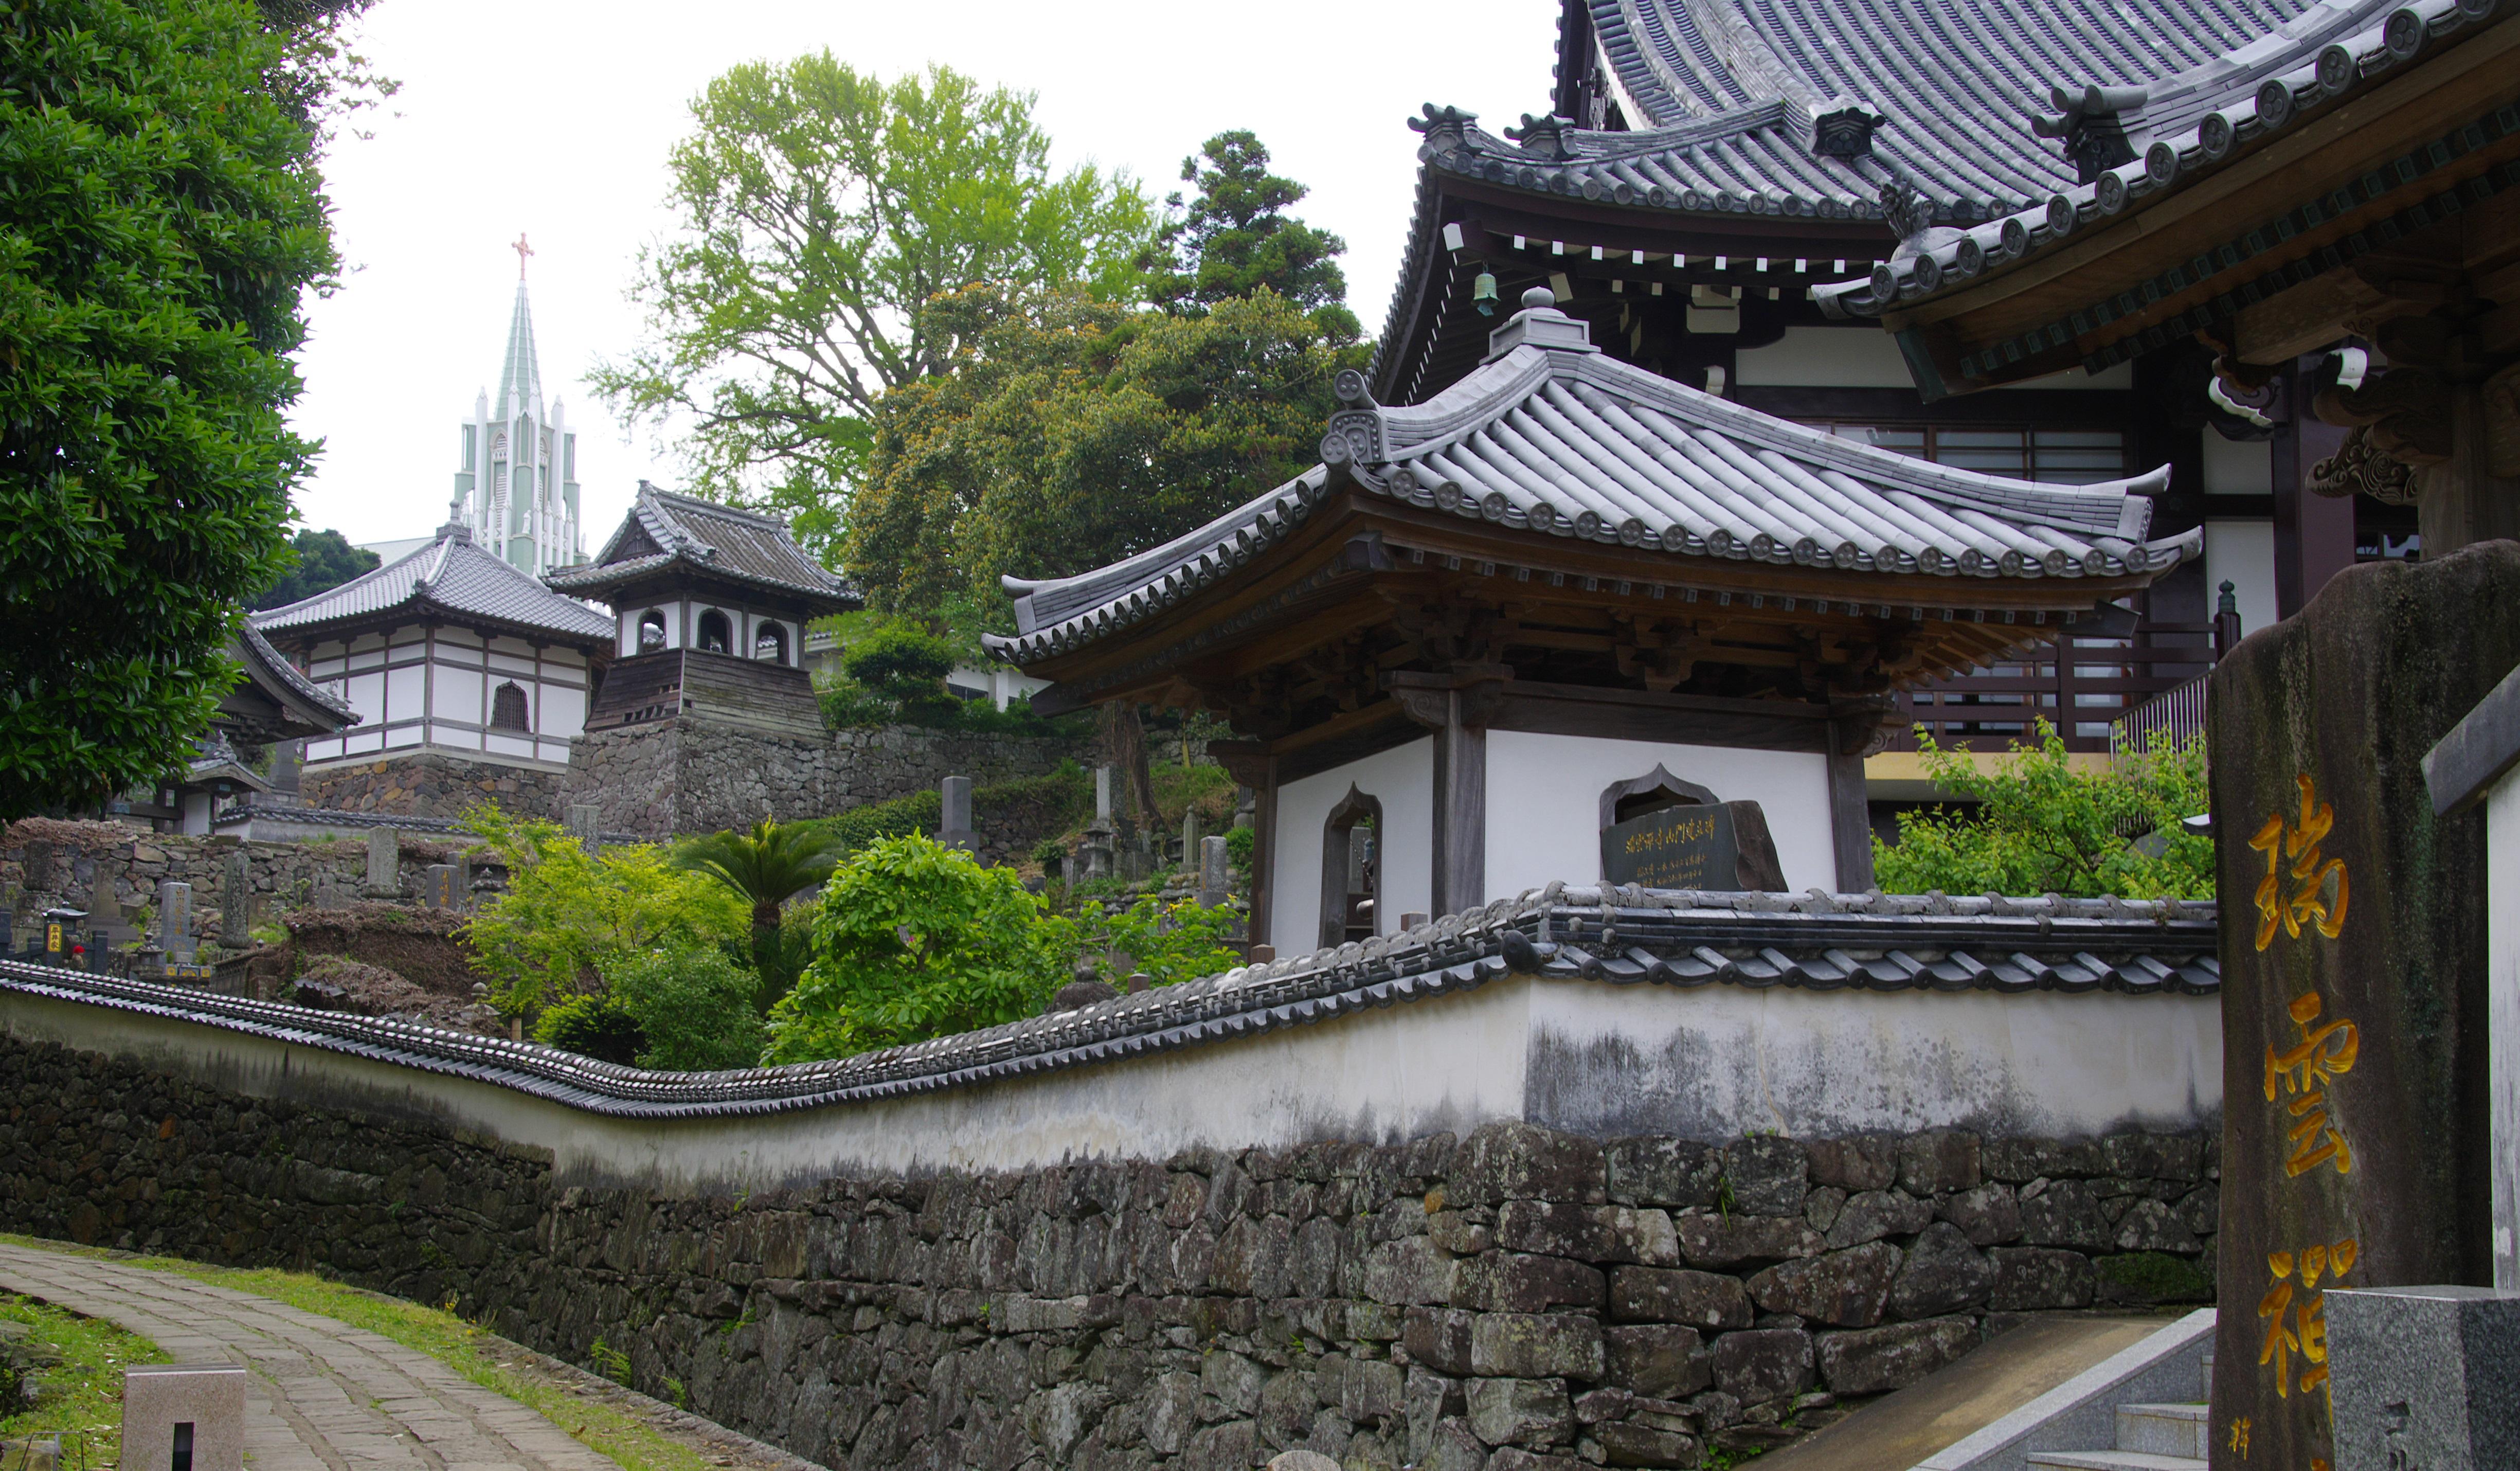 كنيسة القديس فرانسيس كسفاريوس التذكارية في مشهد واحد مع المعابد اليابانية